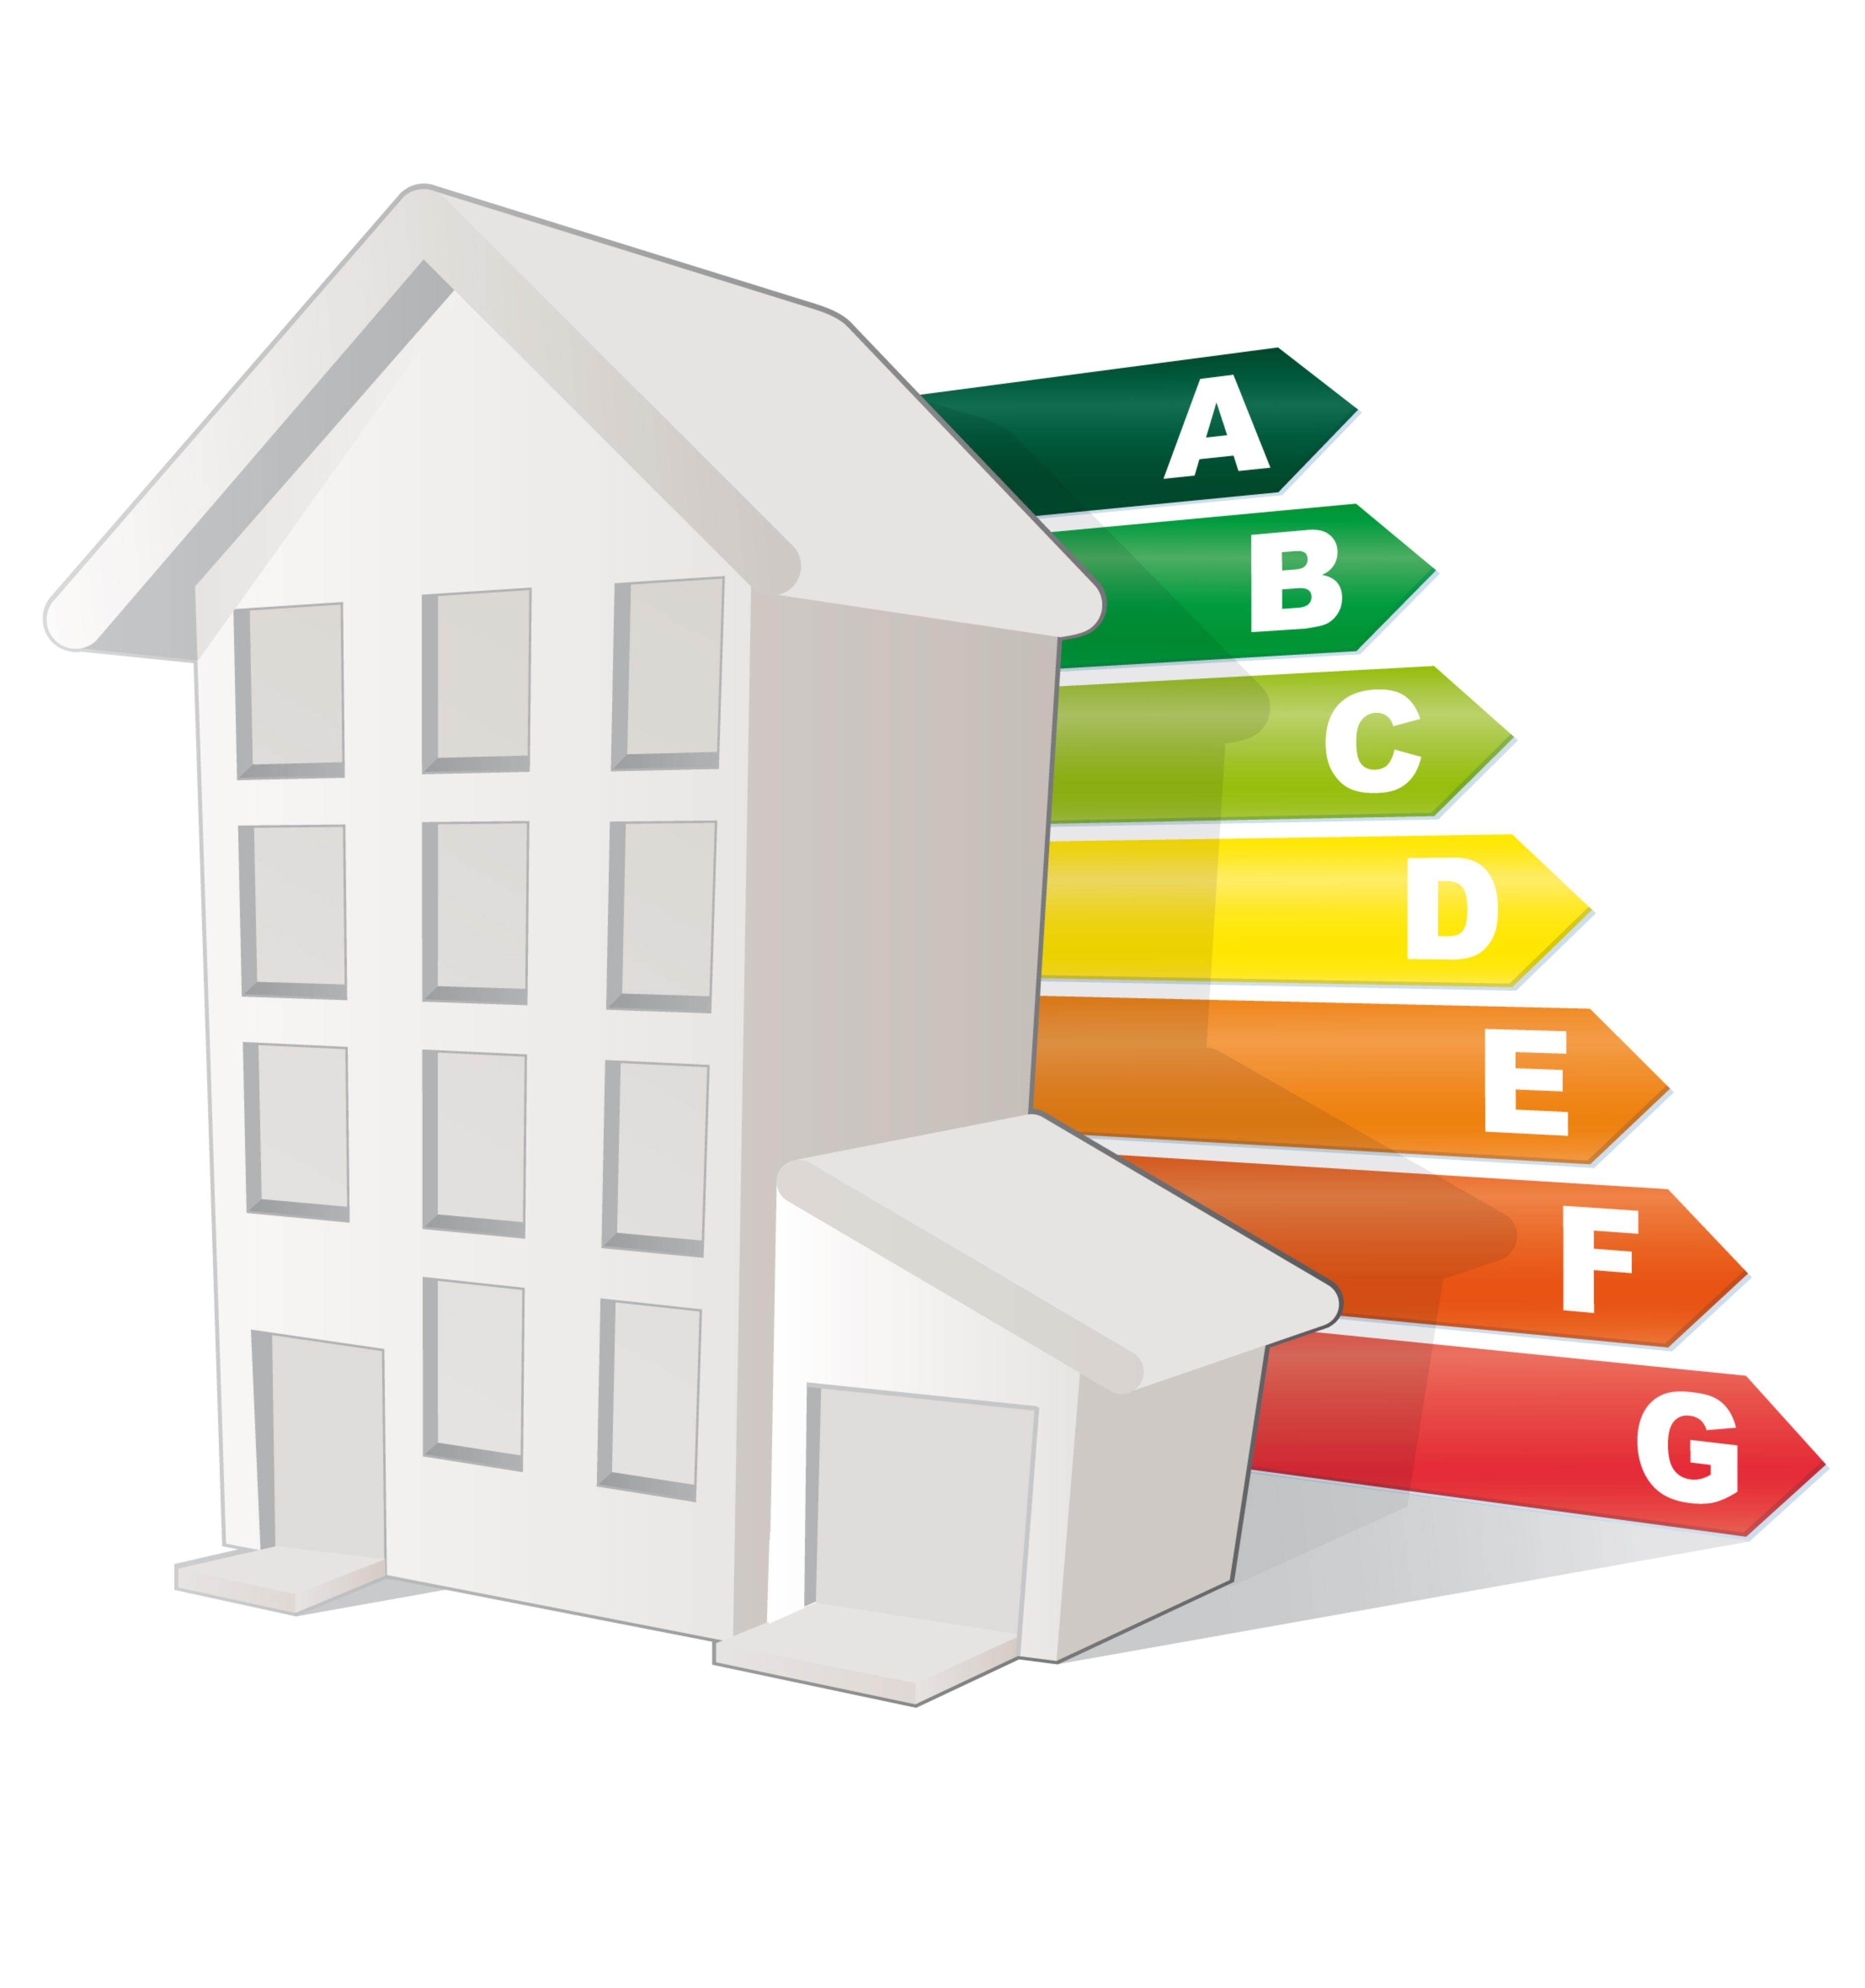 Les loyers varient selon leur performance énergétique